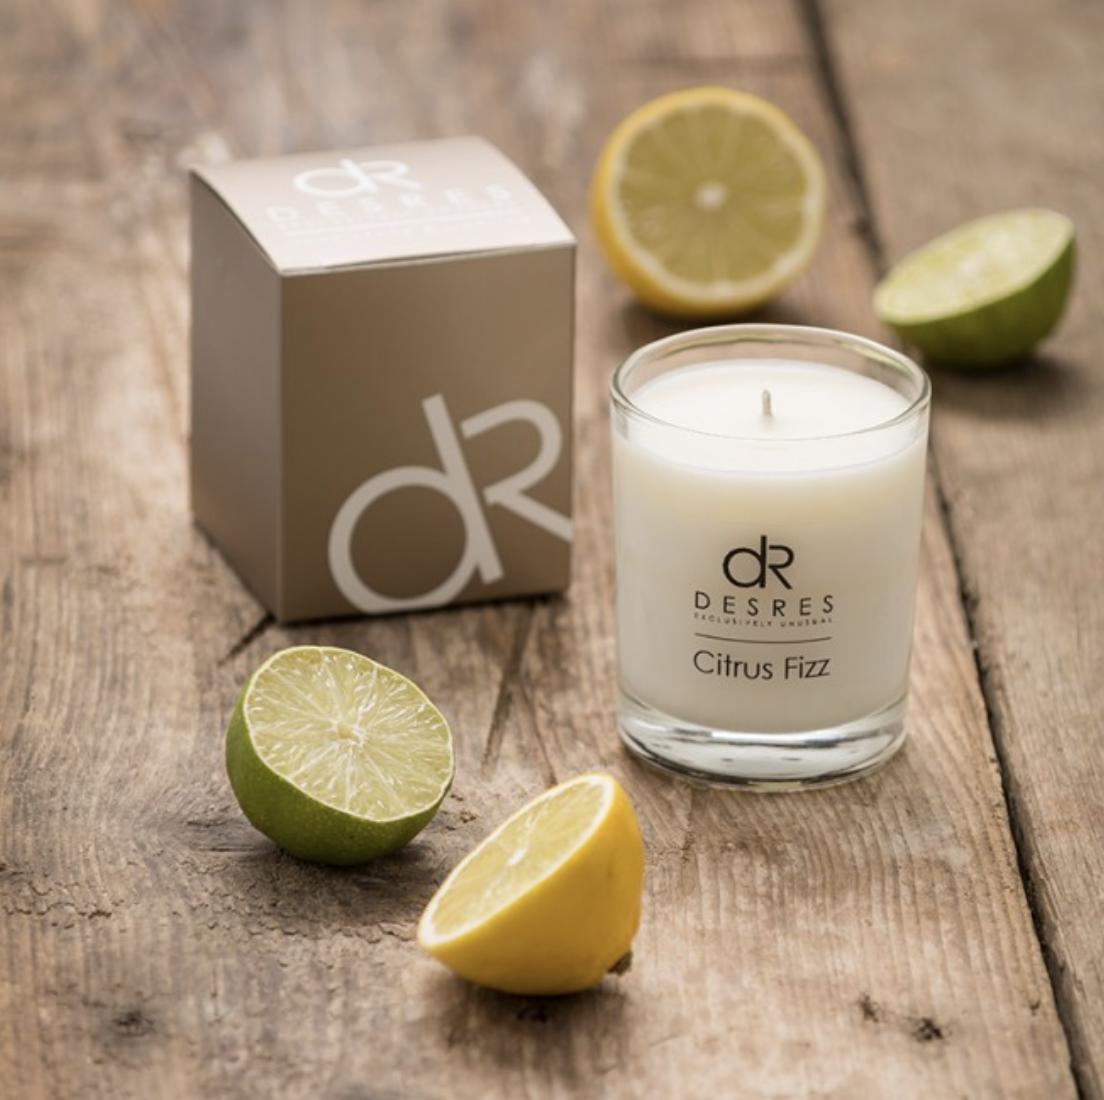 Des Res Citrus Fizz candle, soy wax, vegan friendly, £14